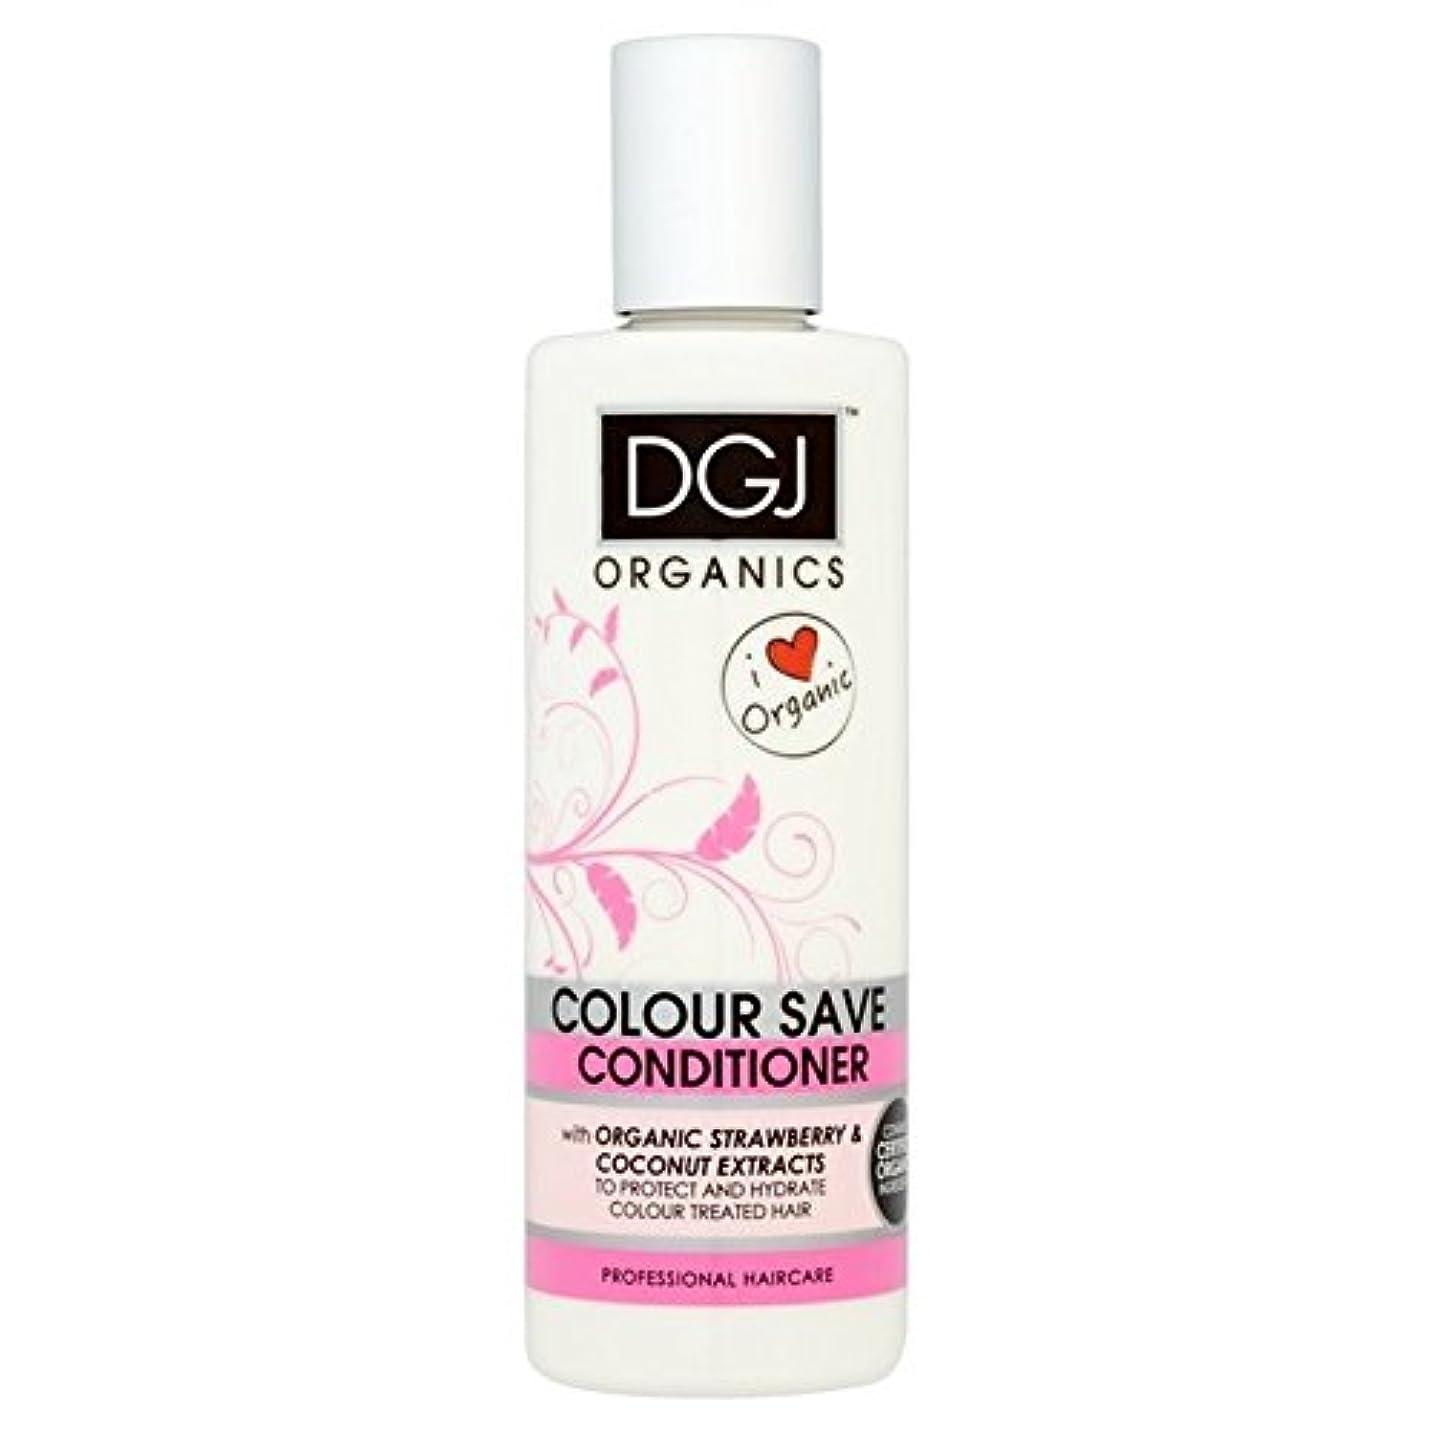 にじみ出る怒る生産性DGJ Organics Colour Save Conditioner 250ml - 有機物の色コンディショナー250を保存 [並行輸入品]